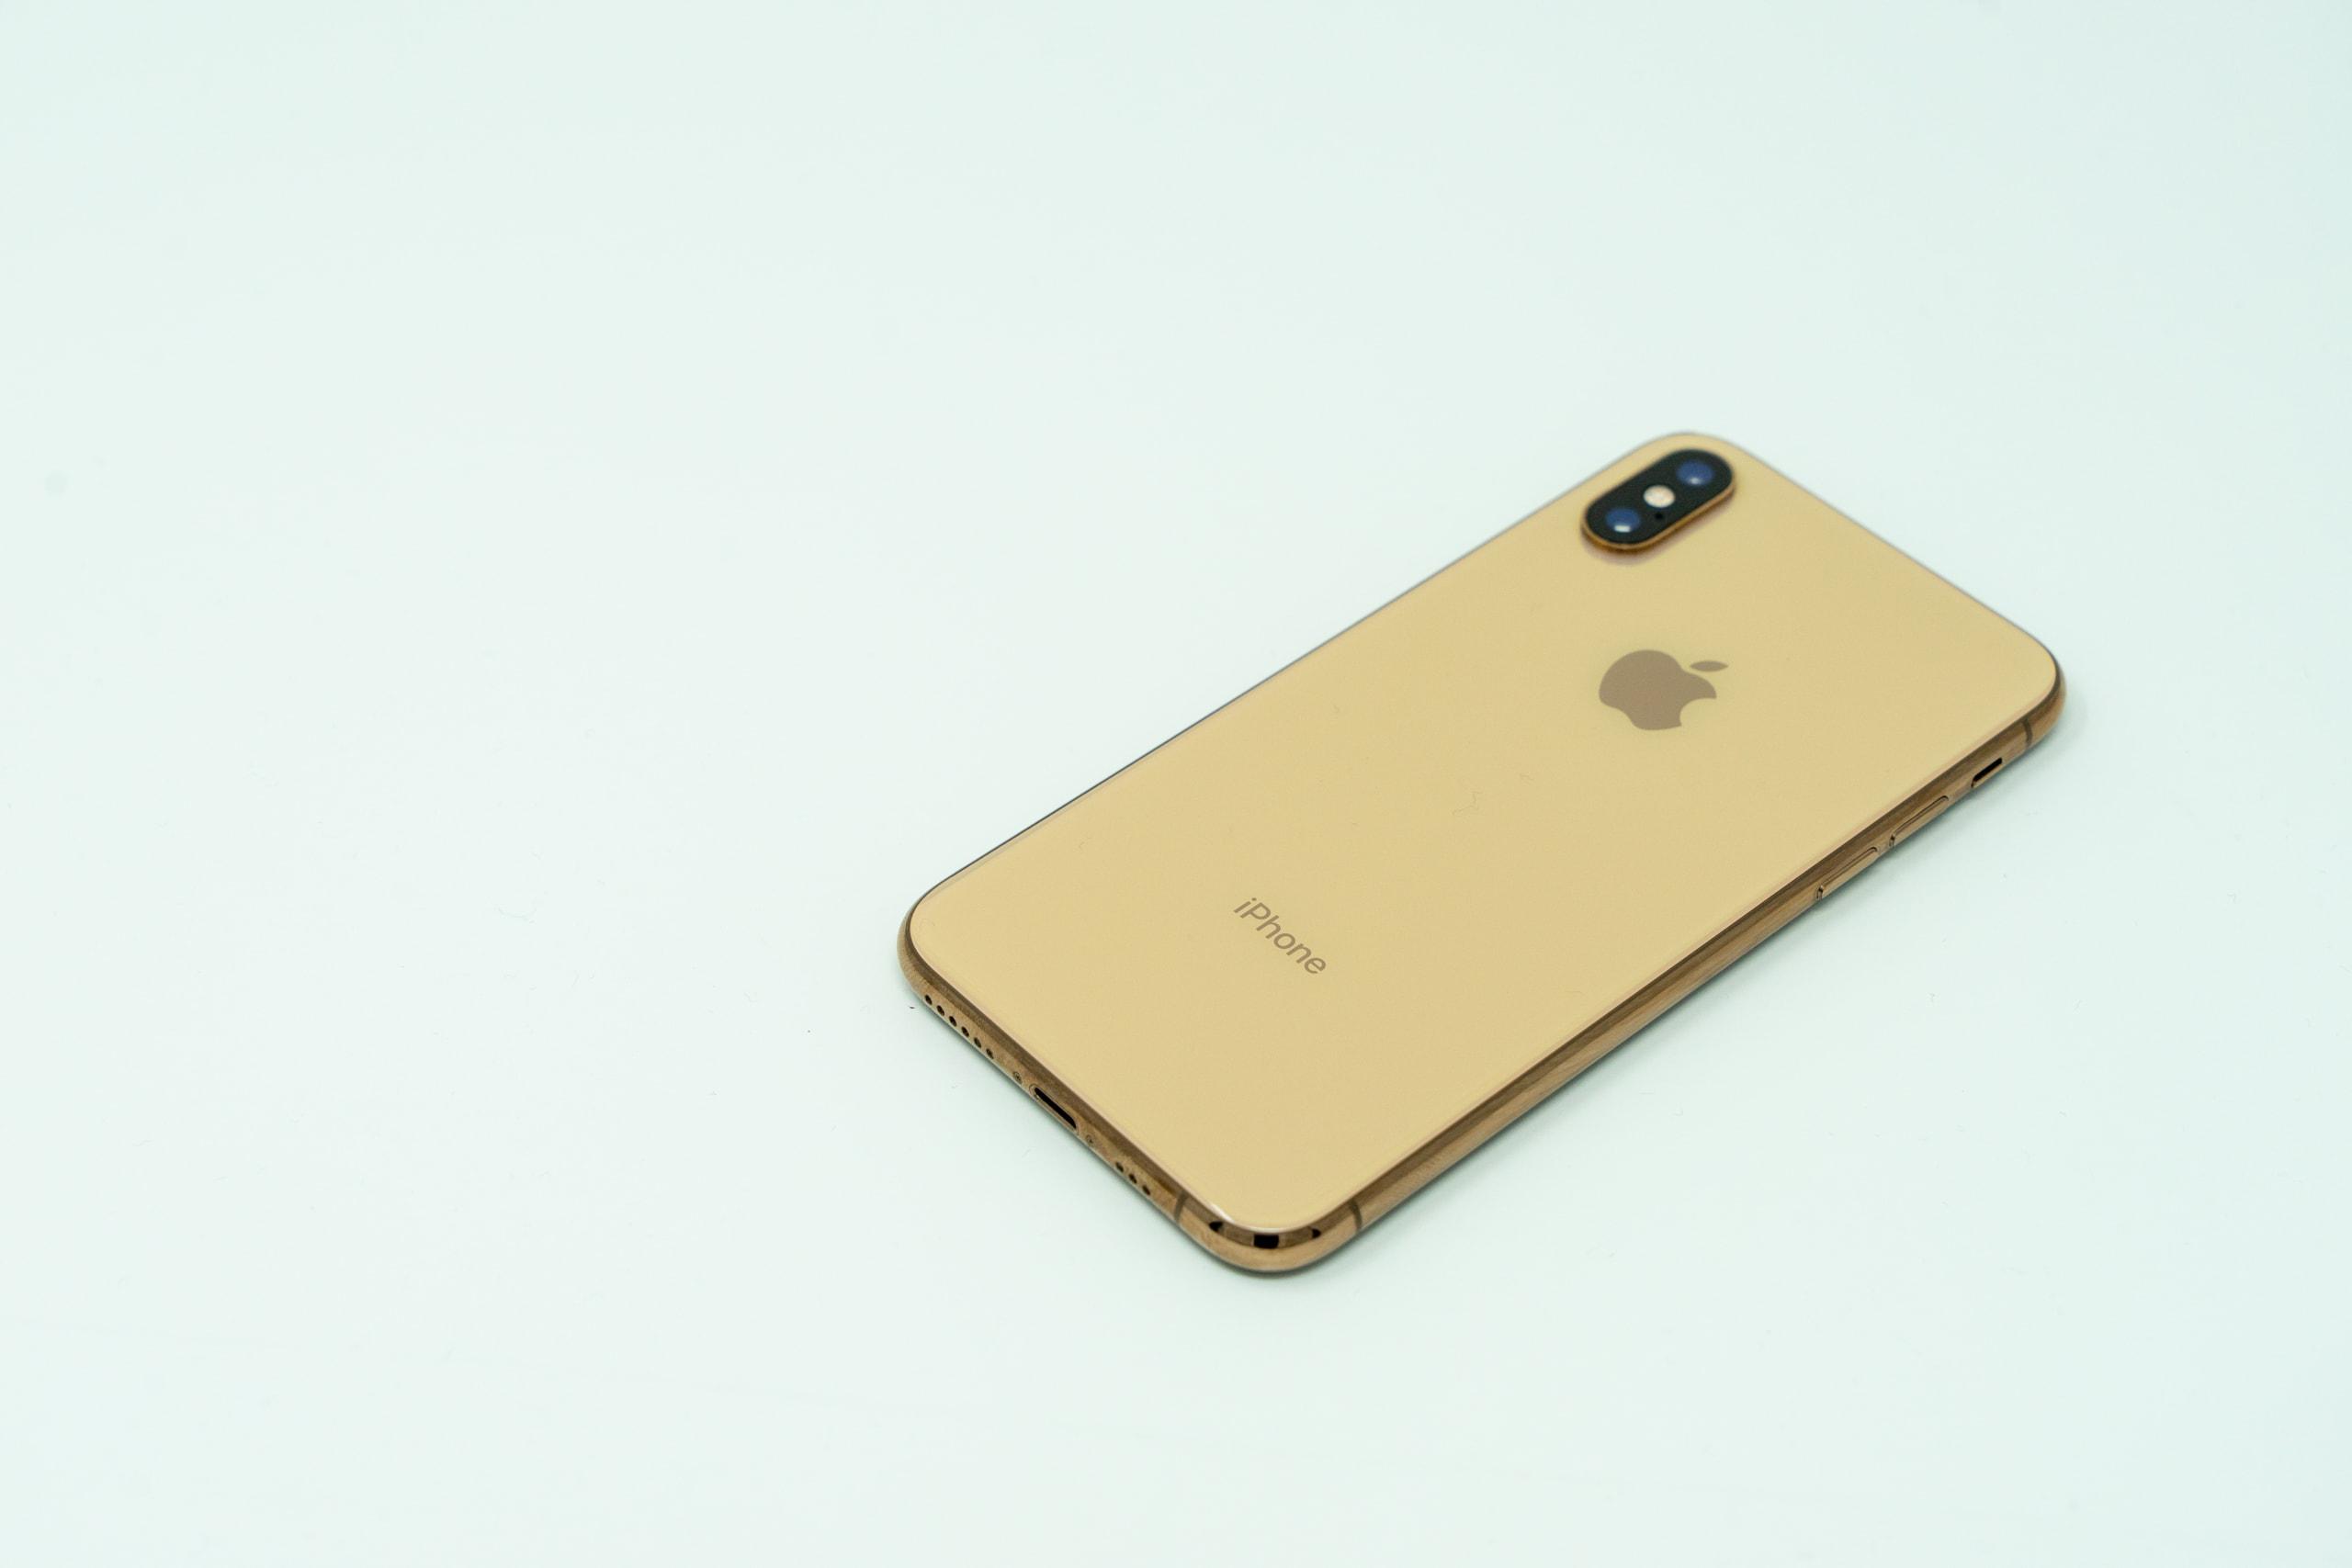 iPhone Xsのバッテリー寿命がヘタってきたので打開策を考えてみる